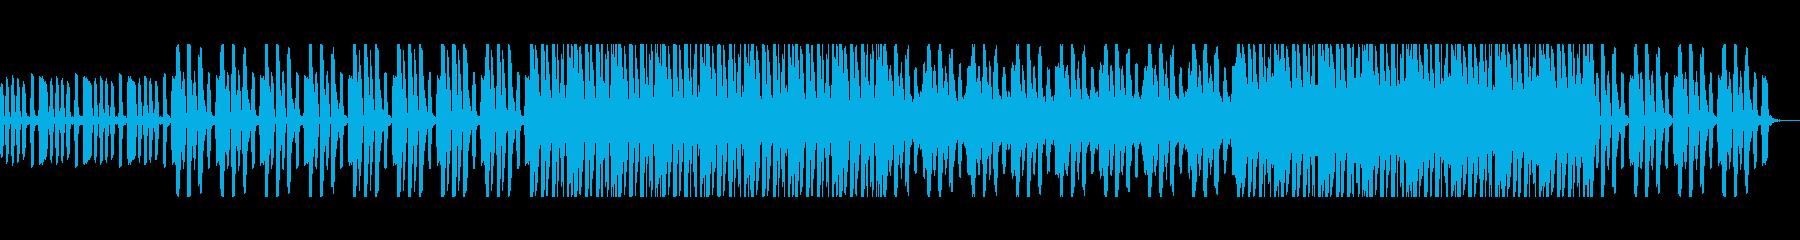 春をイメージしたハッピーなBGMの再生済みの波形